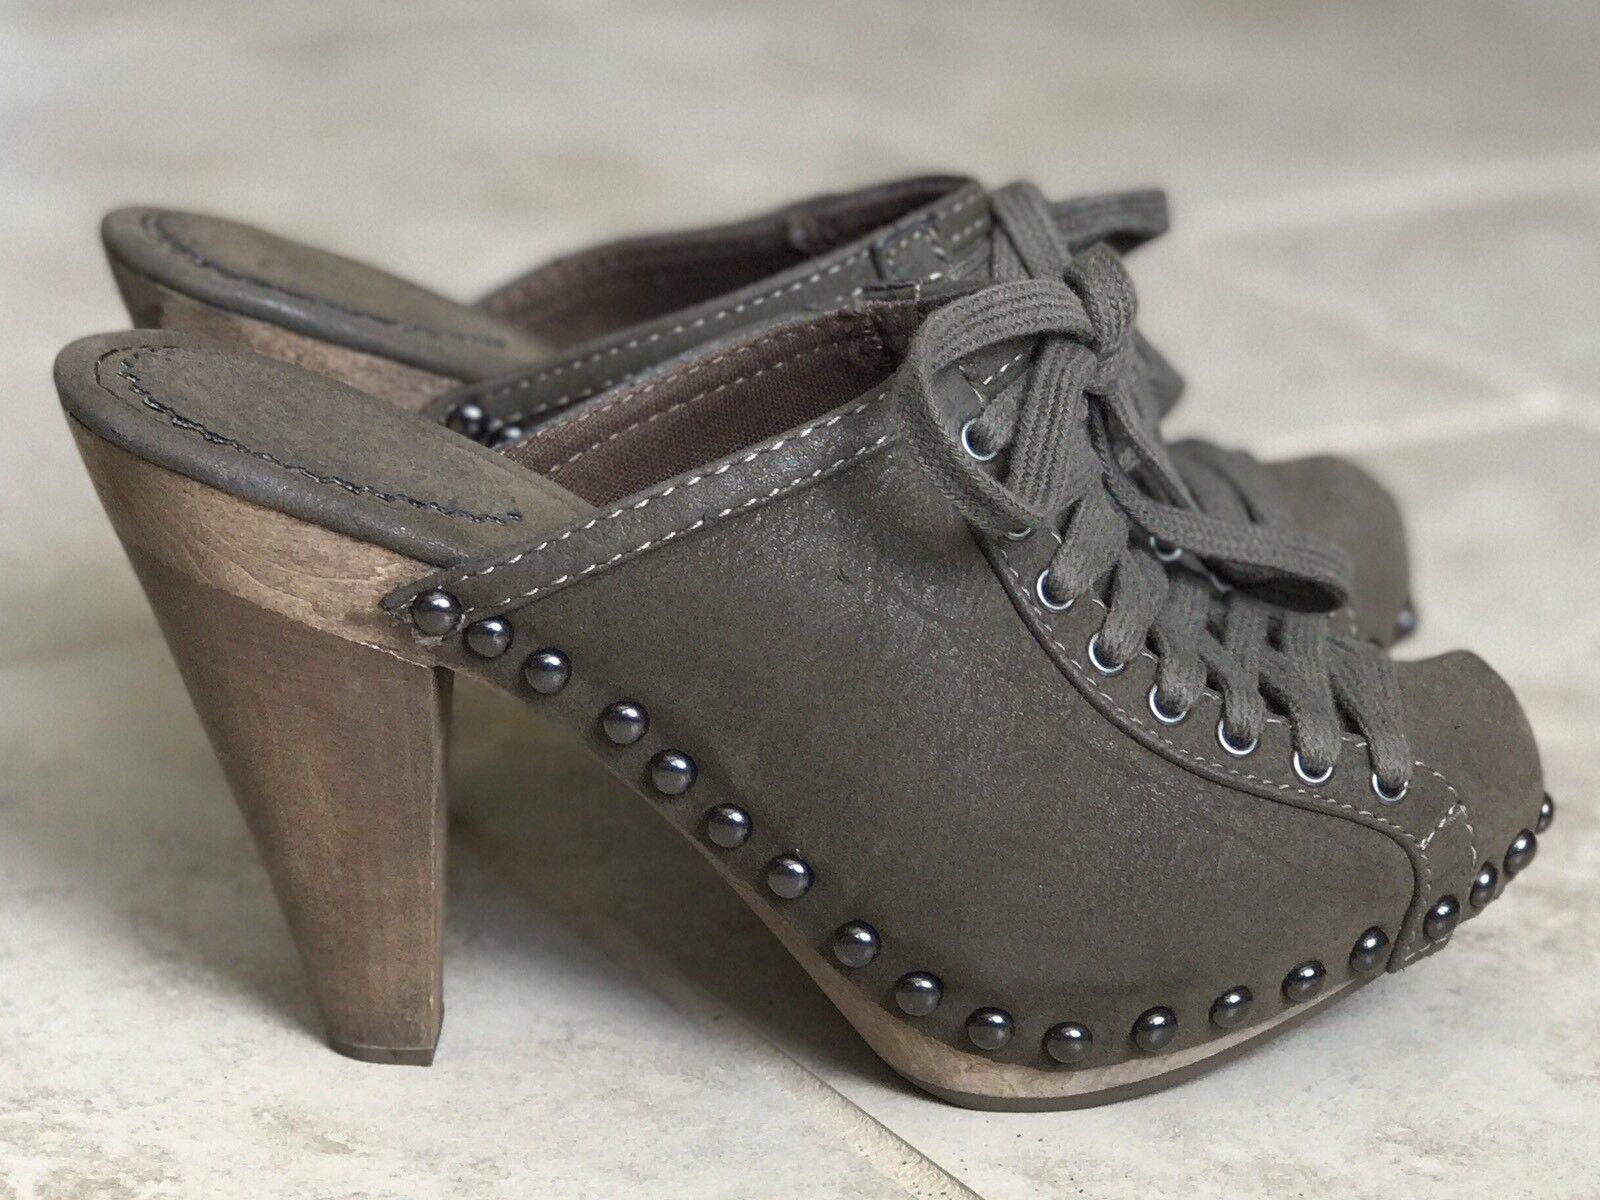 Zara Leather Studded High Heel Slip On Mules  Platform Size 6.5   37 EUR Sage